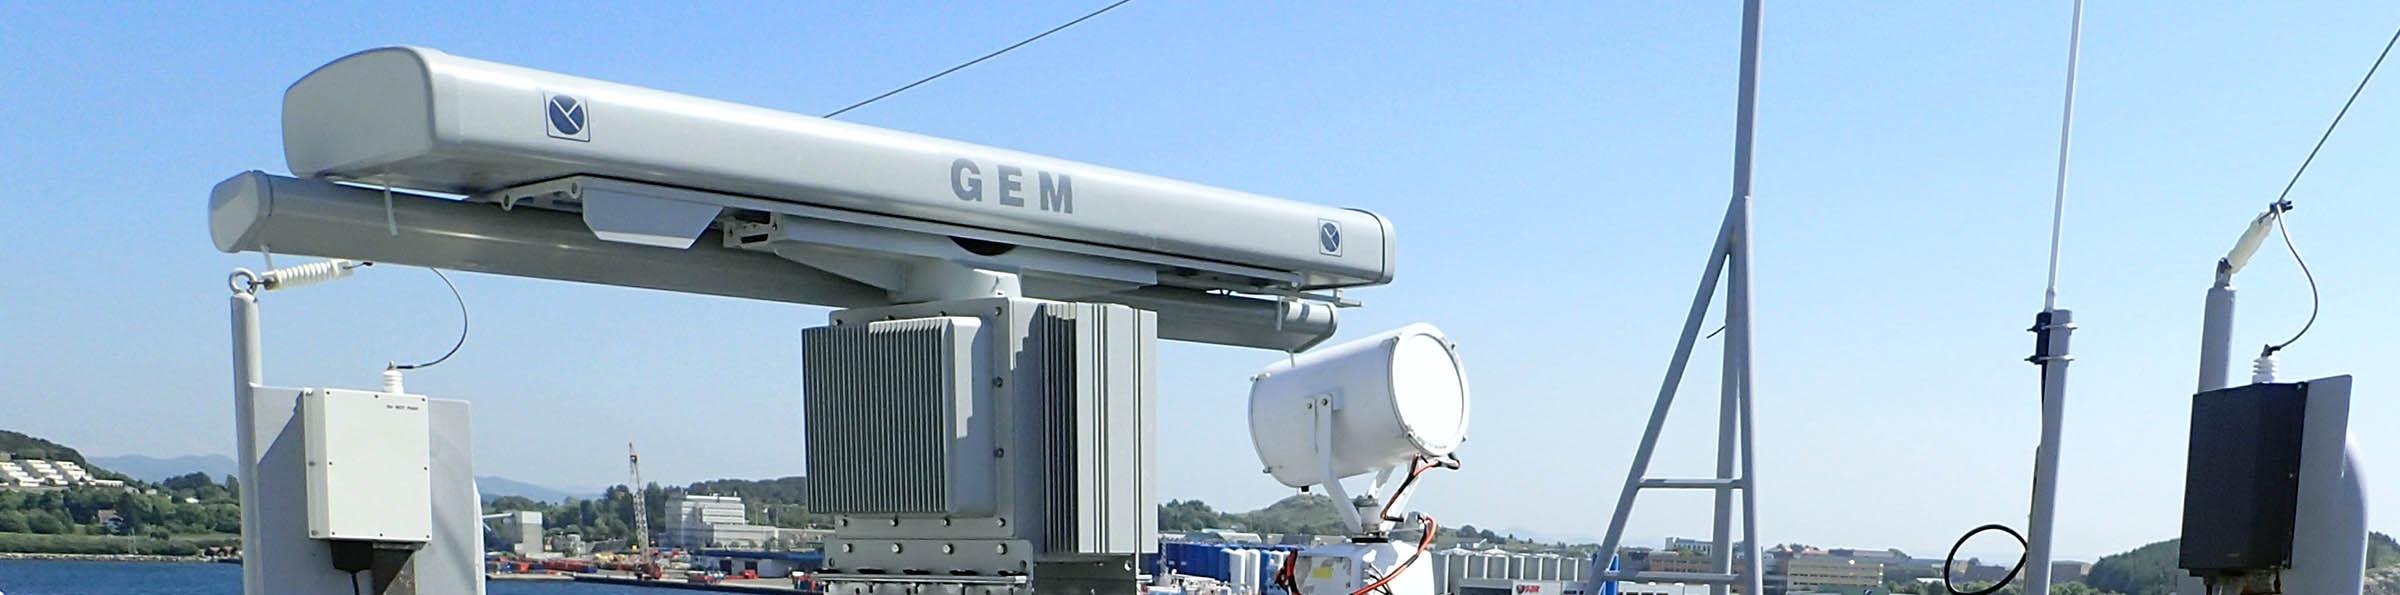 X-Ka DUAL BAND RADAR SYSTEMS (GEMINI-DB) – GEM elettronica